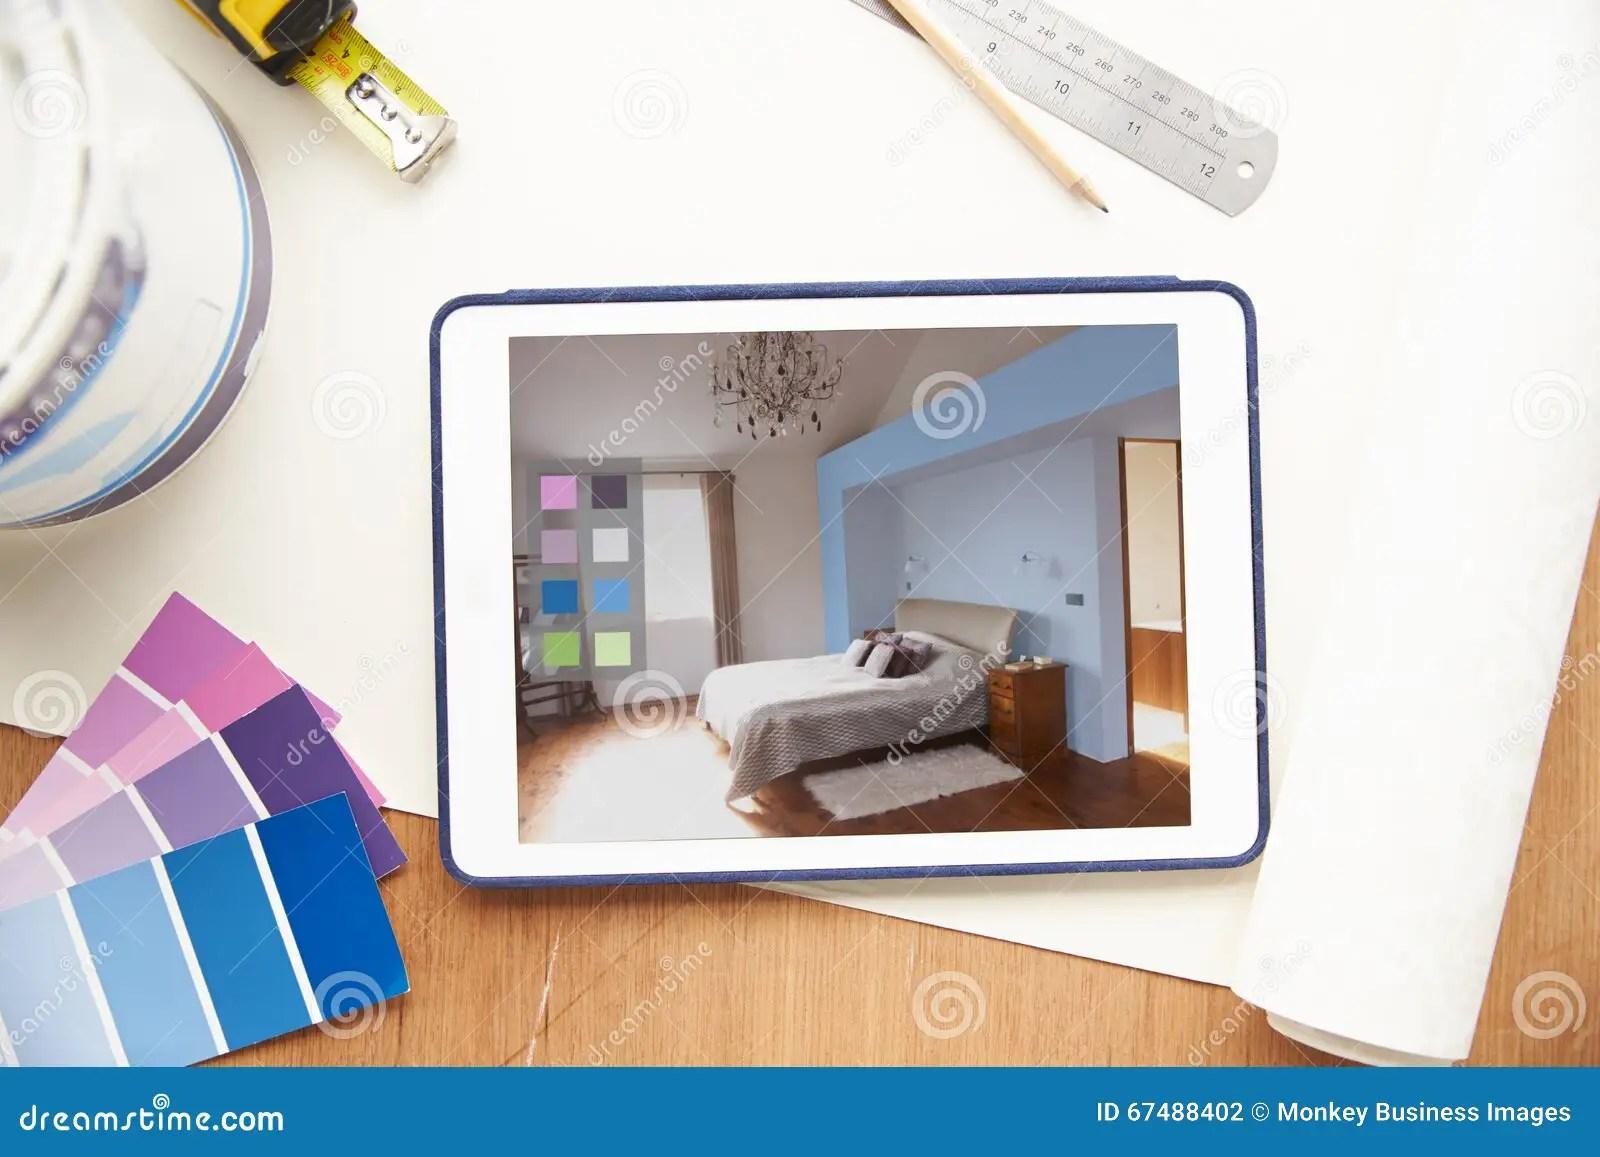 Kitchen Design App Tablet